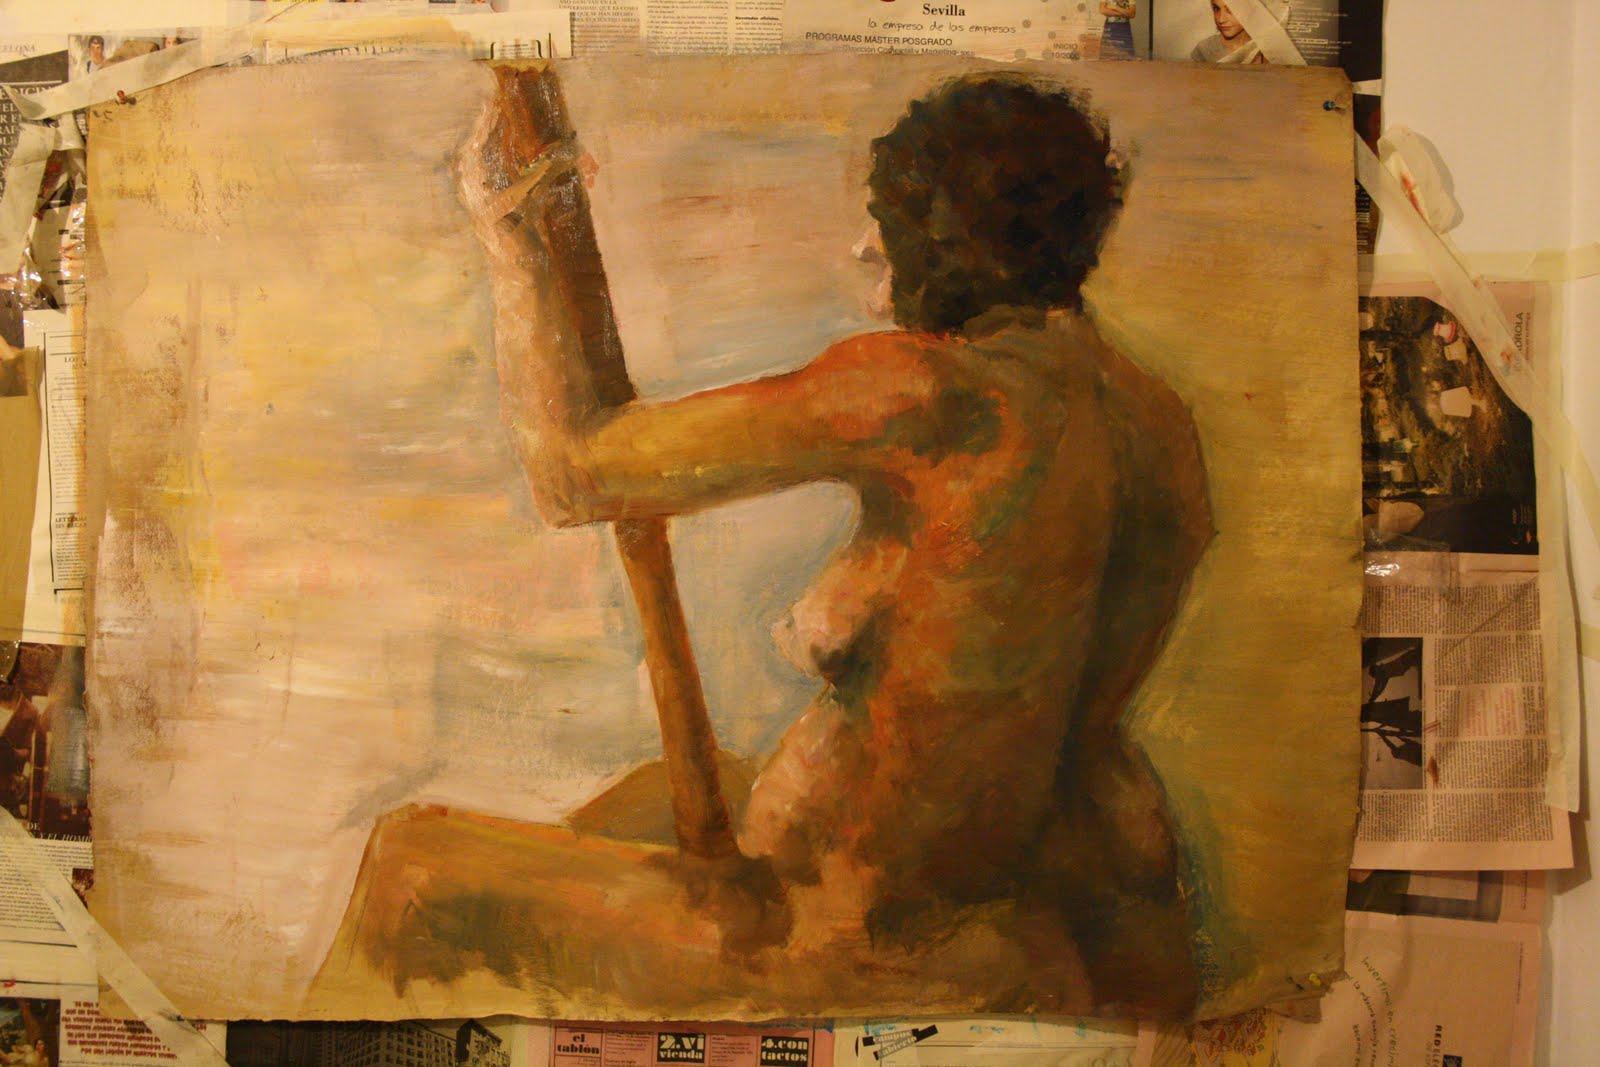 Rock N Kry Zombis Y Mujeres Desnudas